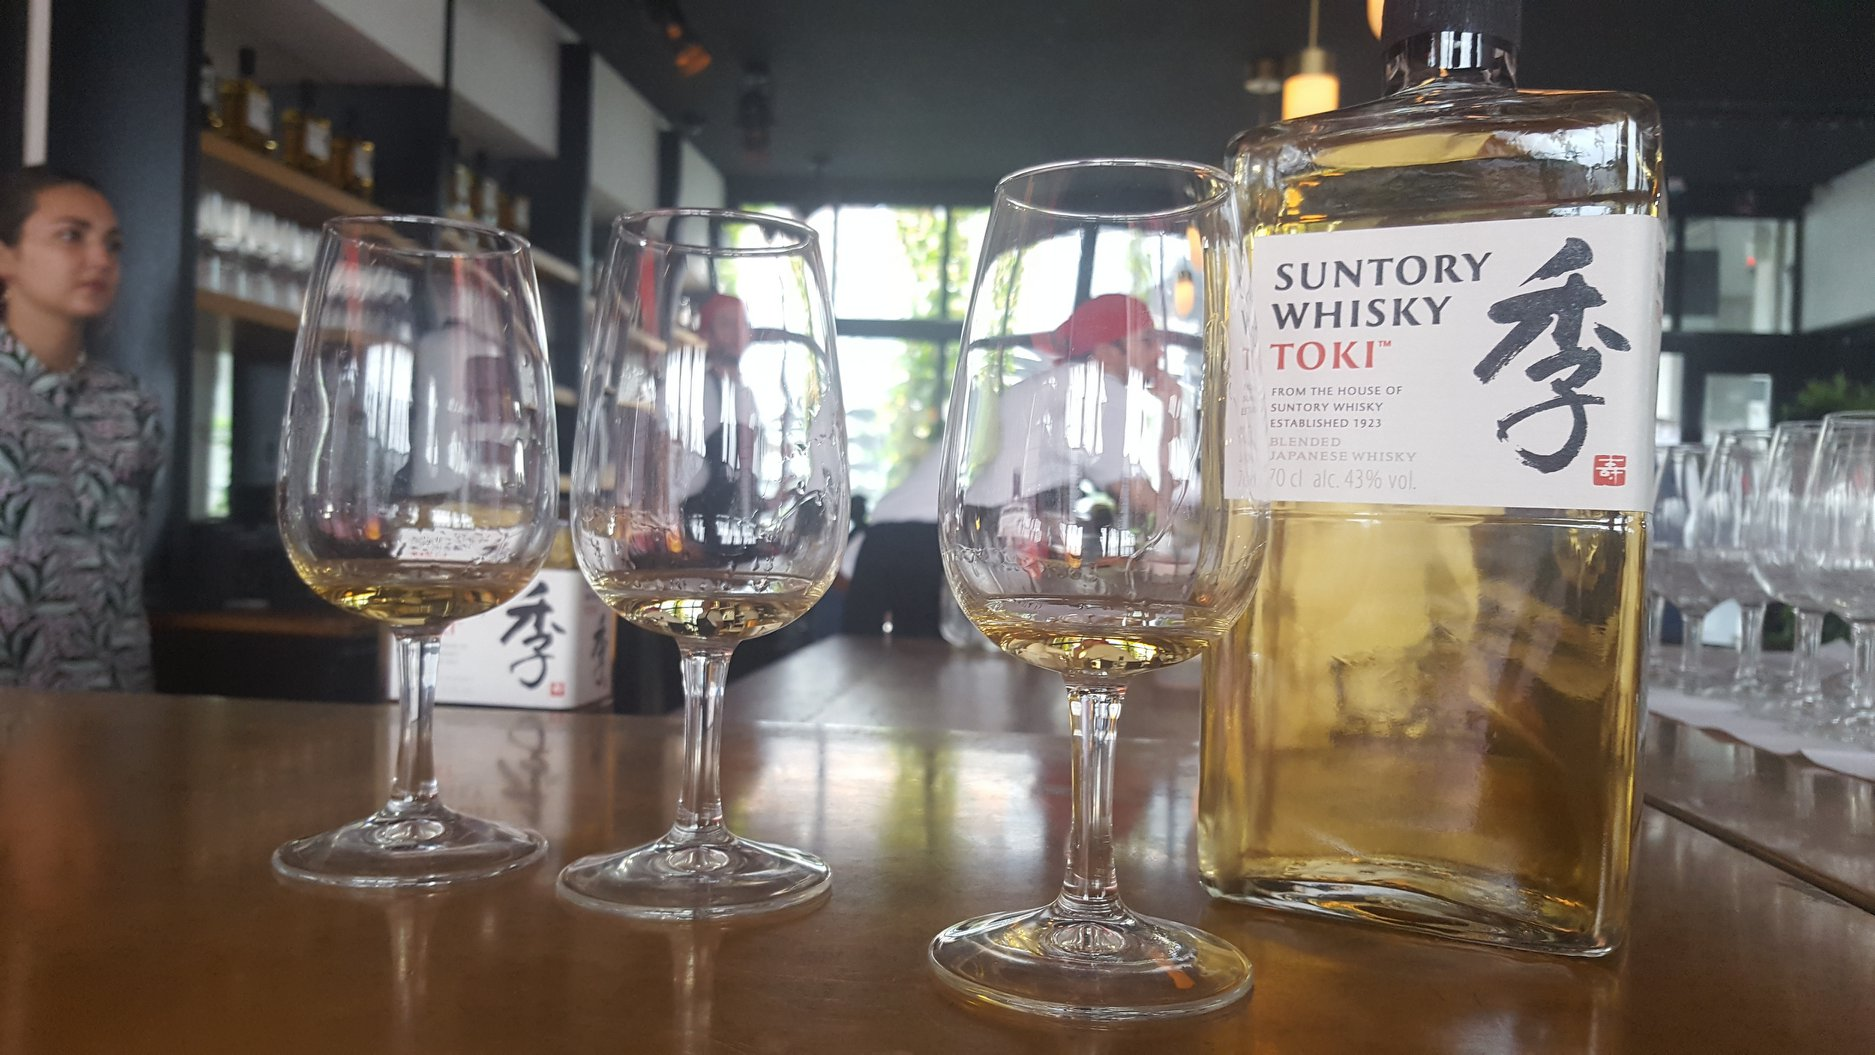 Whisky Toki - Maison Suntory